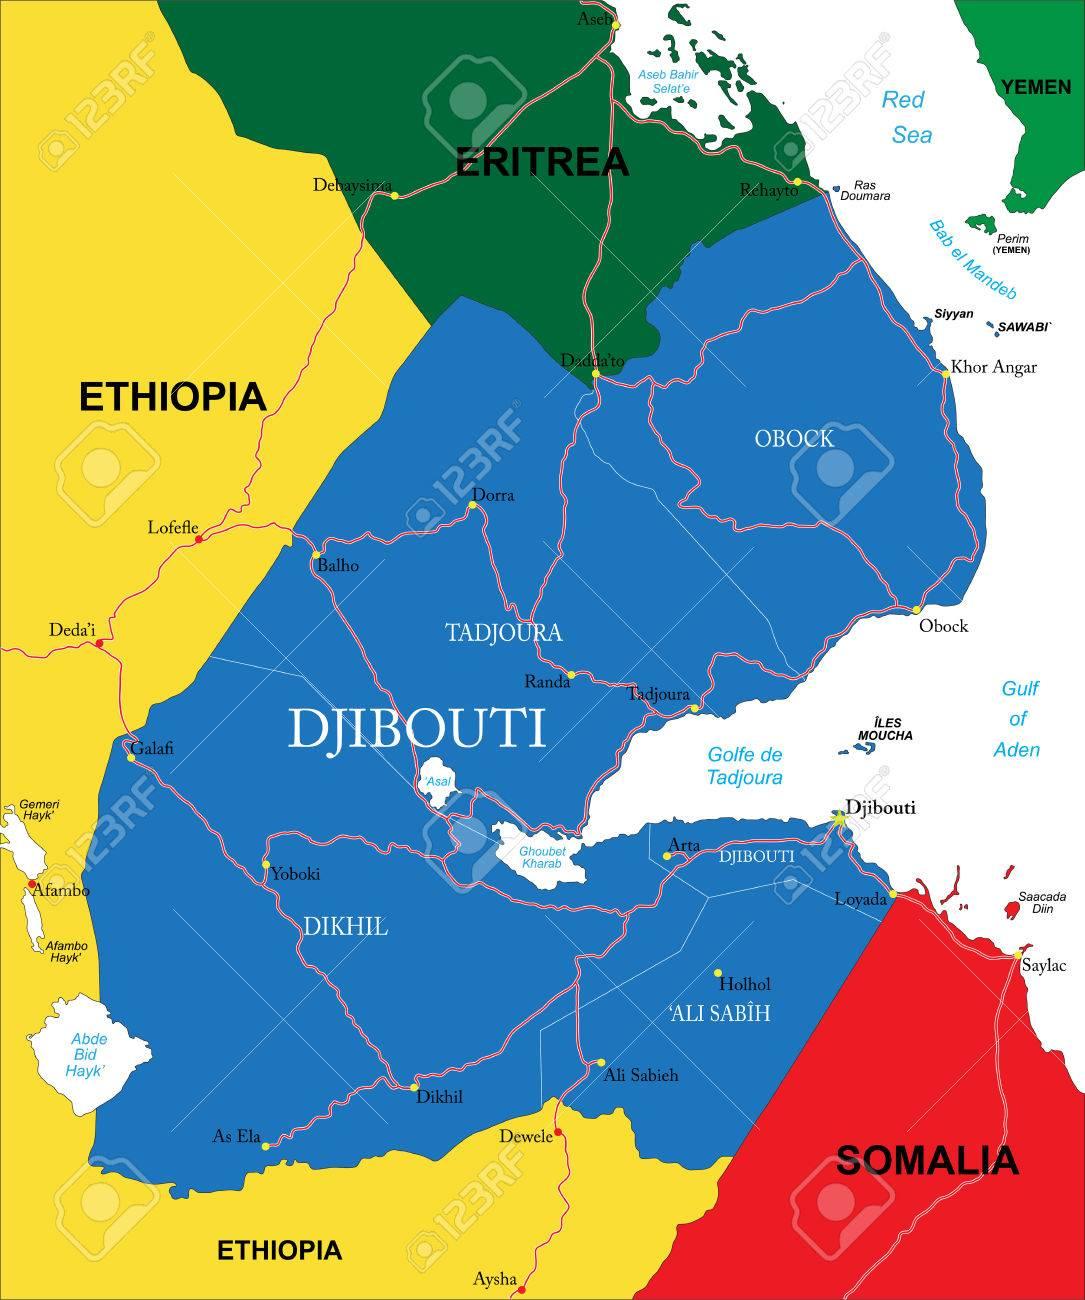 Djibouti Map Royalty Free Cliparts Vectors And Stock - Djibouti map